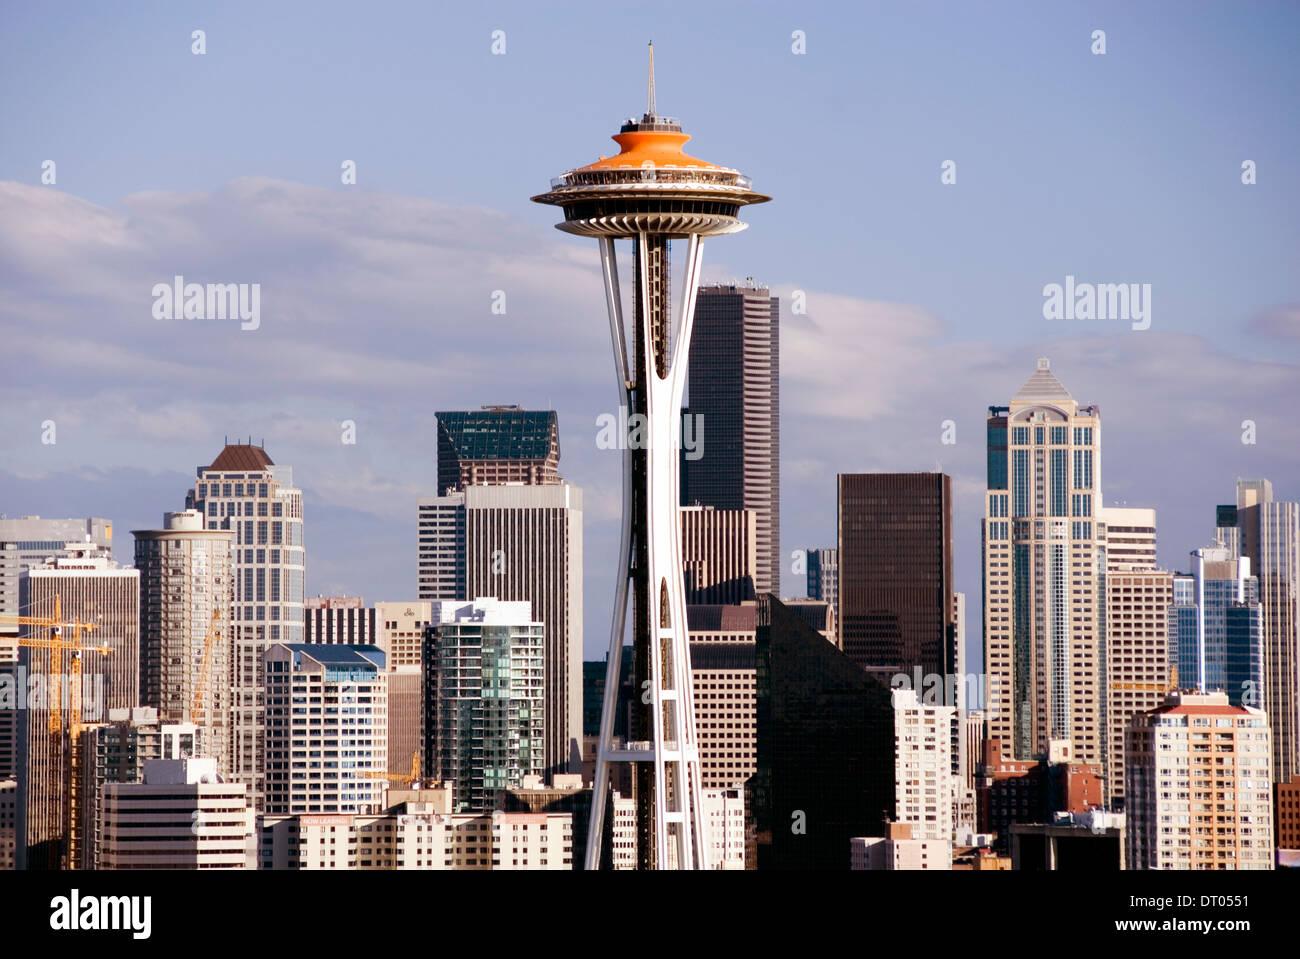 Lo Space Needle e il centro cittadino di grattacieli dal Queen Anne hill, Seattle, Stati Uniti d'America. Ridipinto di arancione per celebrare il cinquantesimo anniversario 2012 Immagini Stock